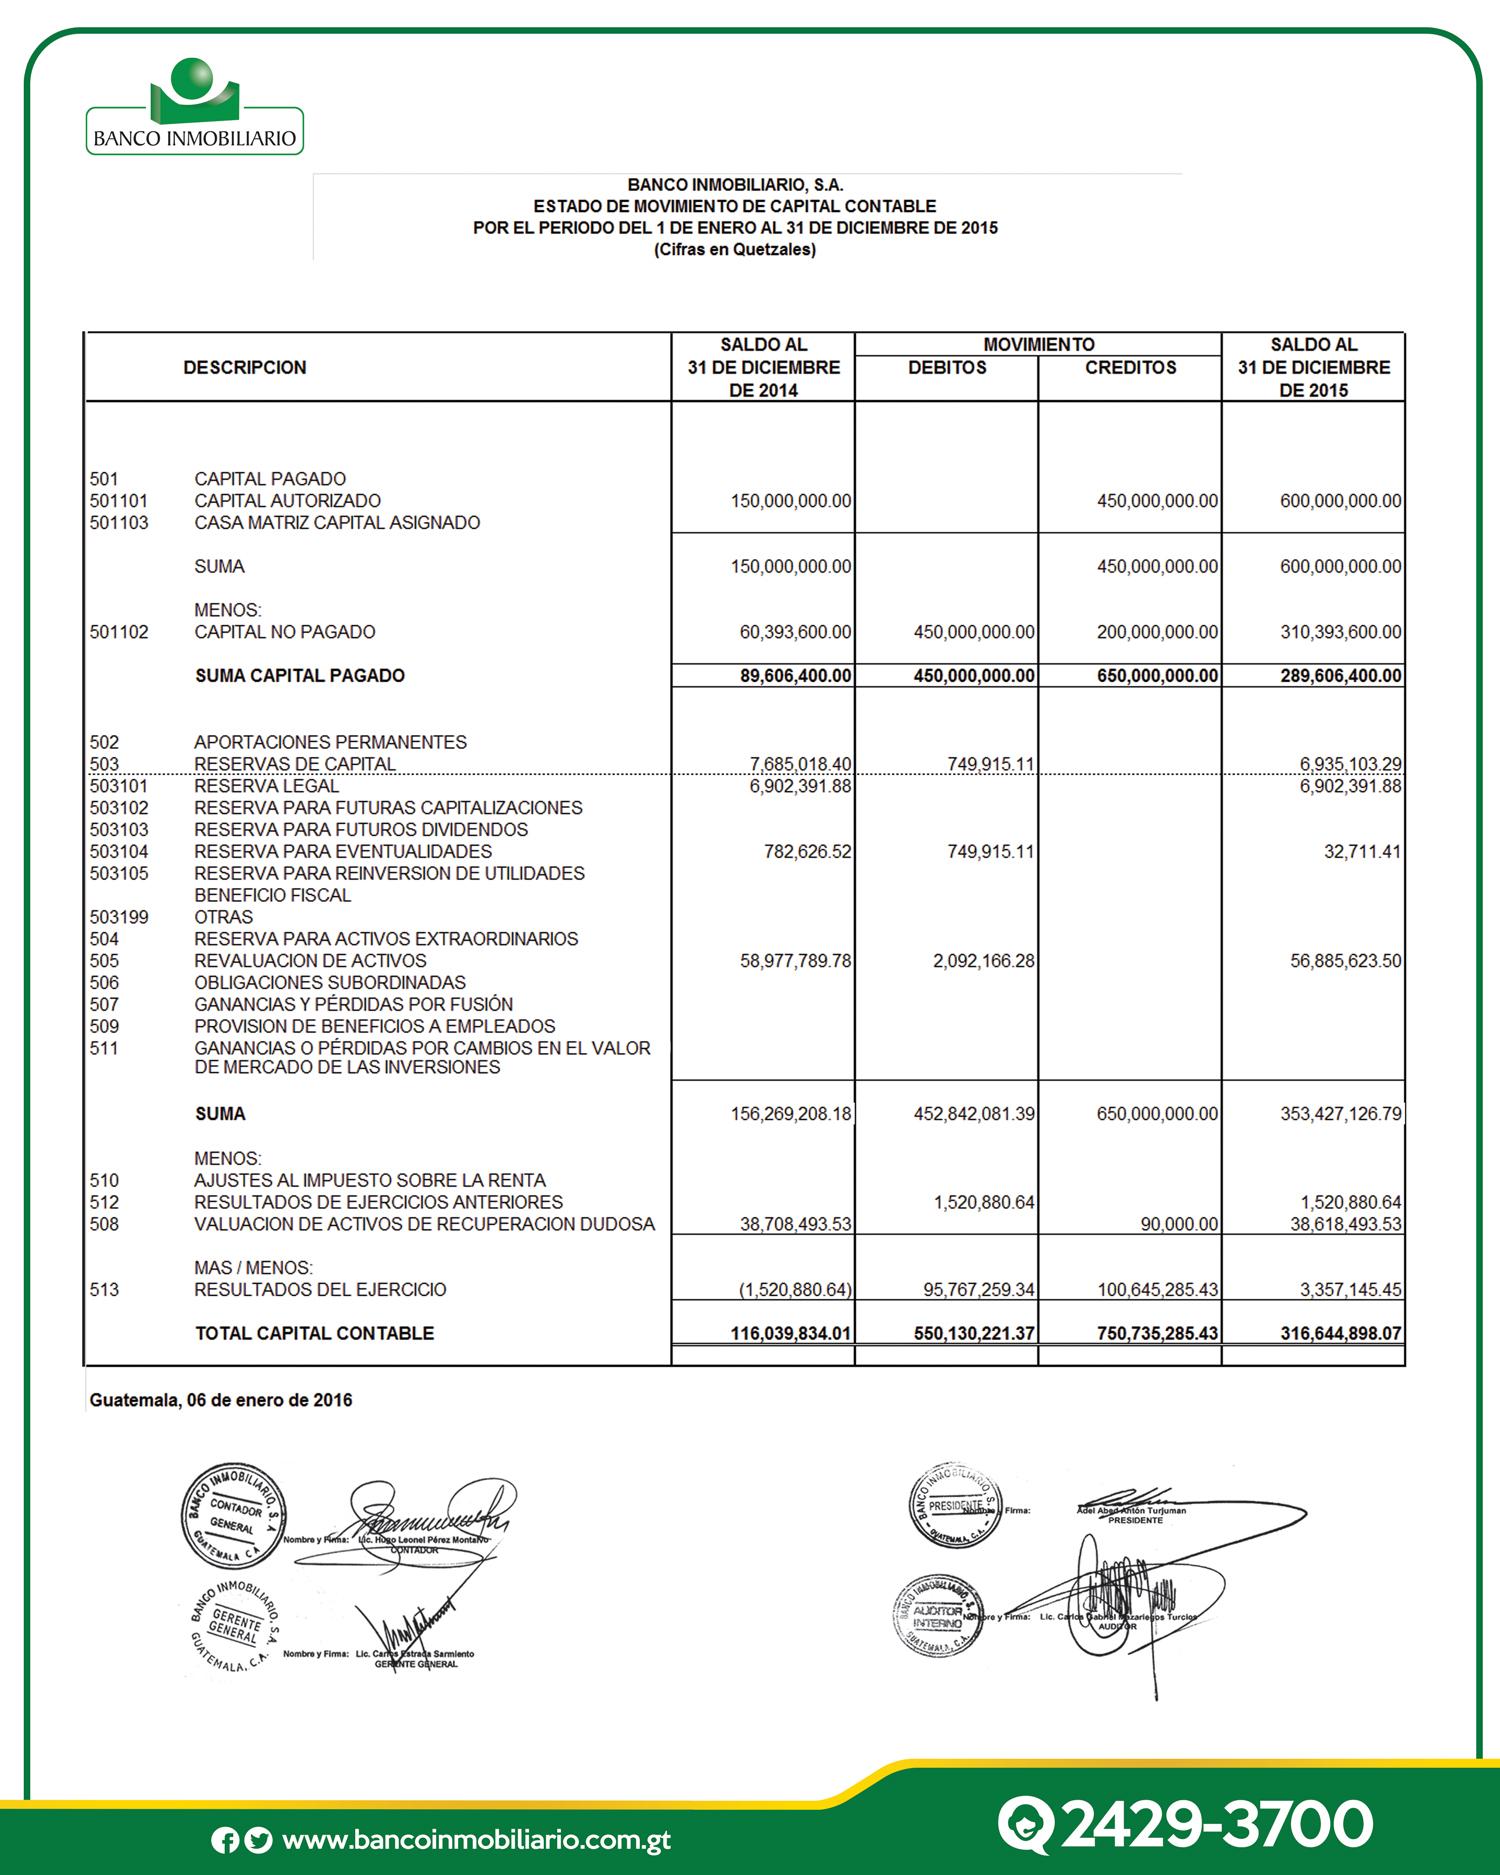 Estado de movimiento de capital banco inmobiliario for Banco inmobiliario